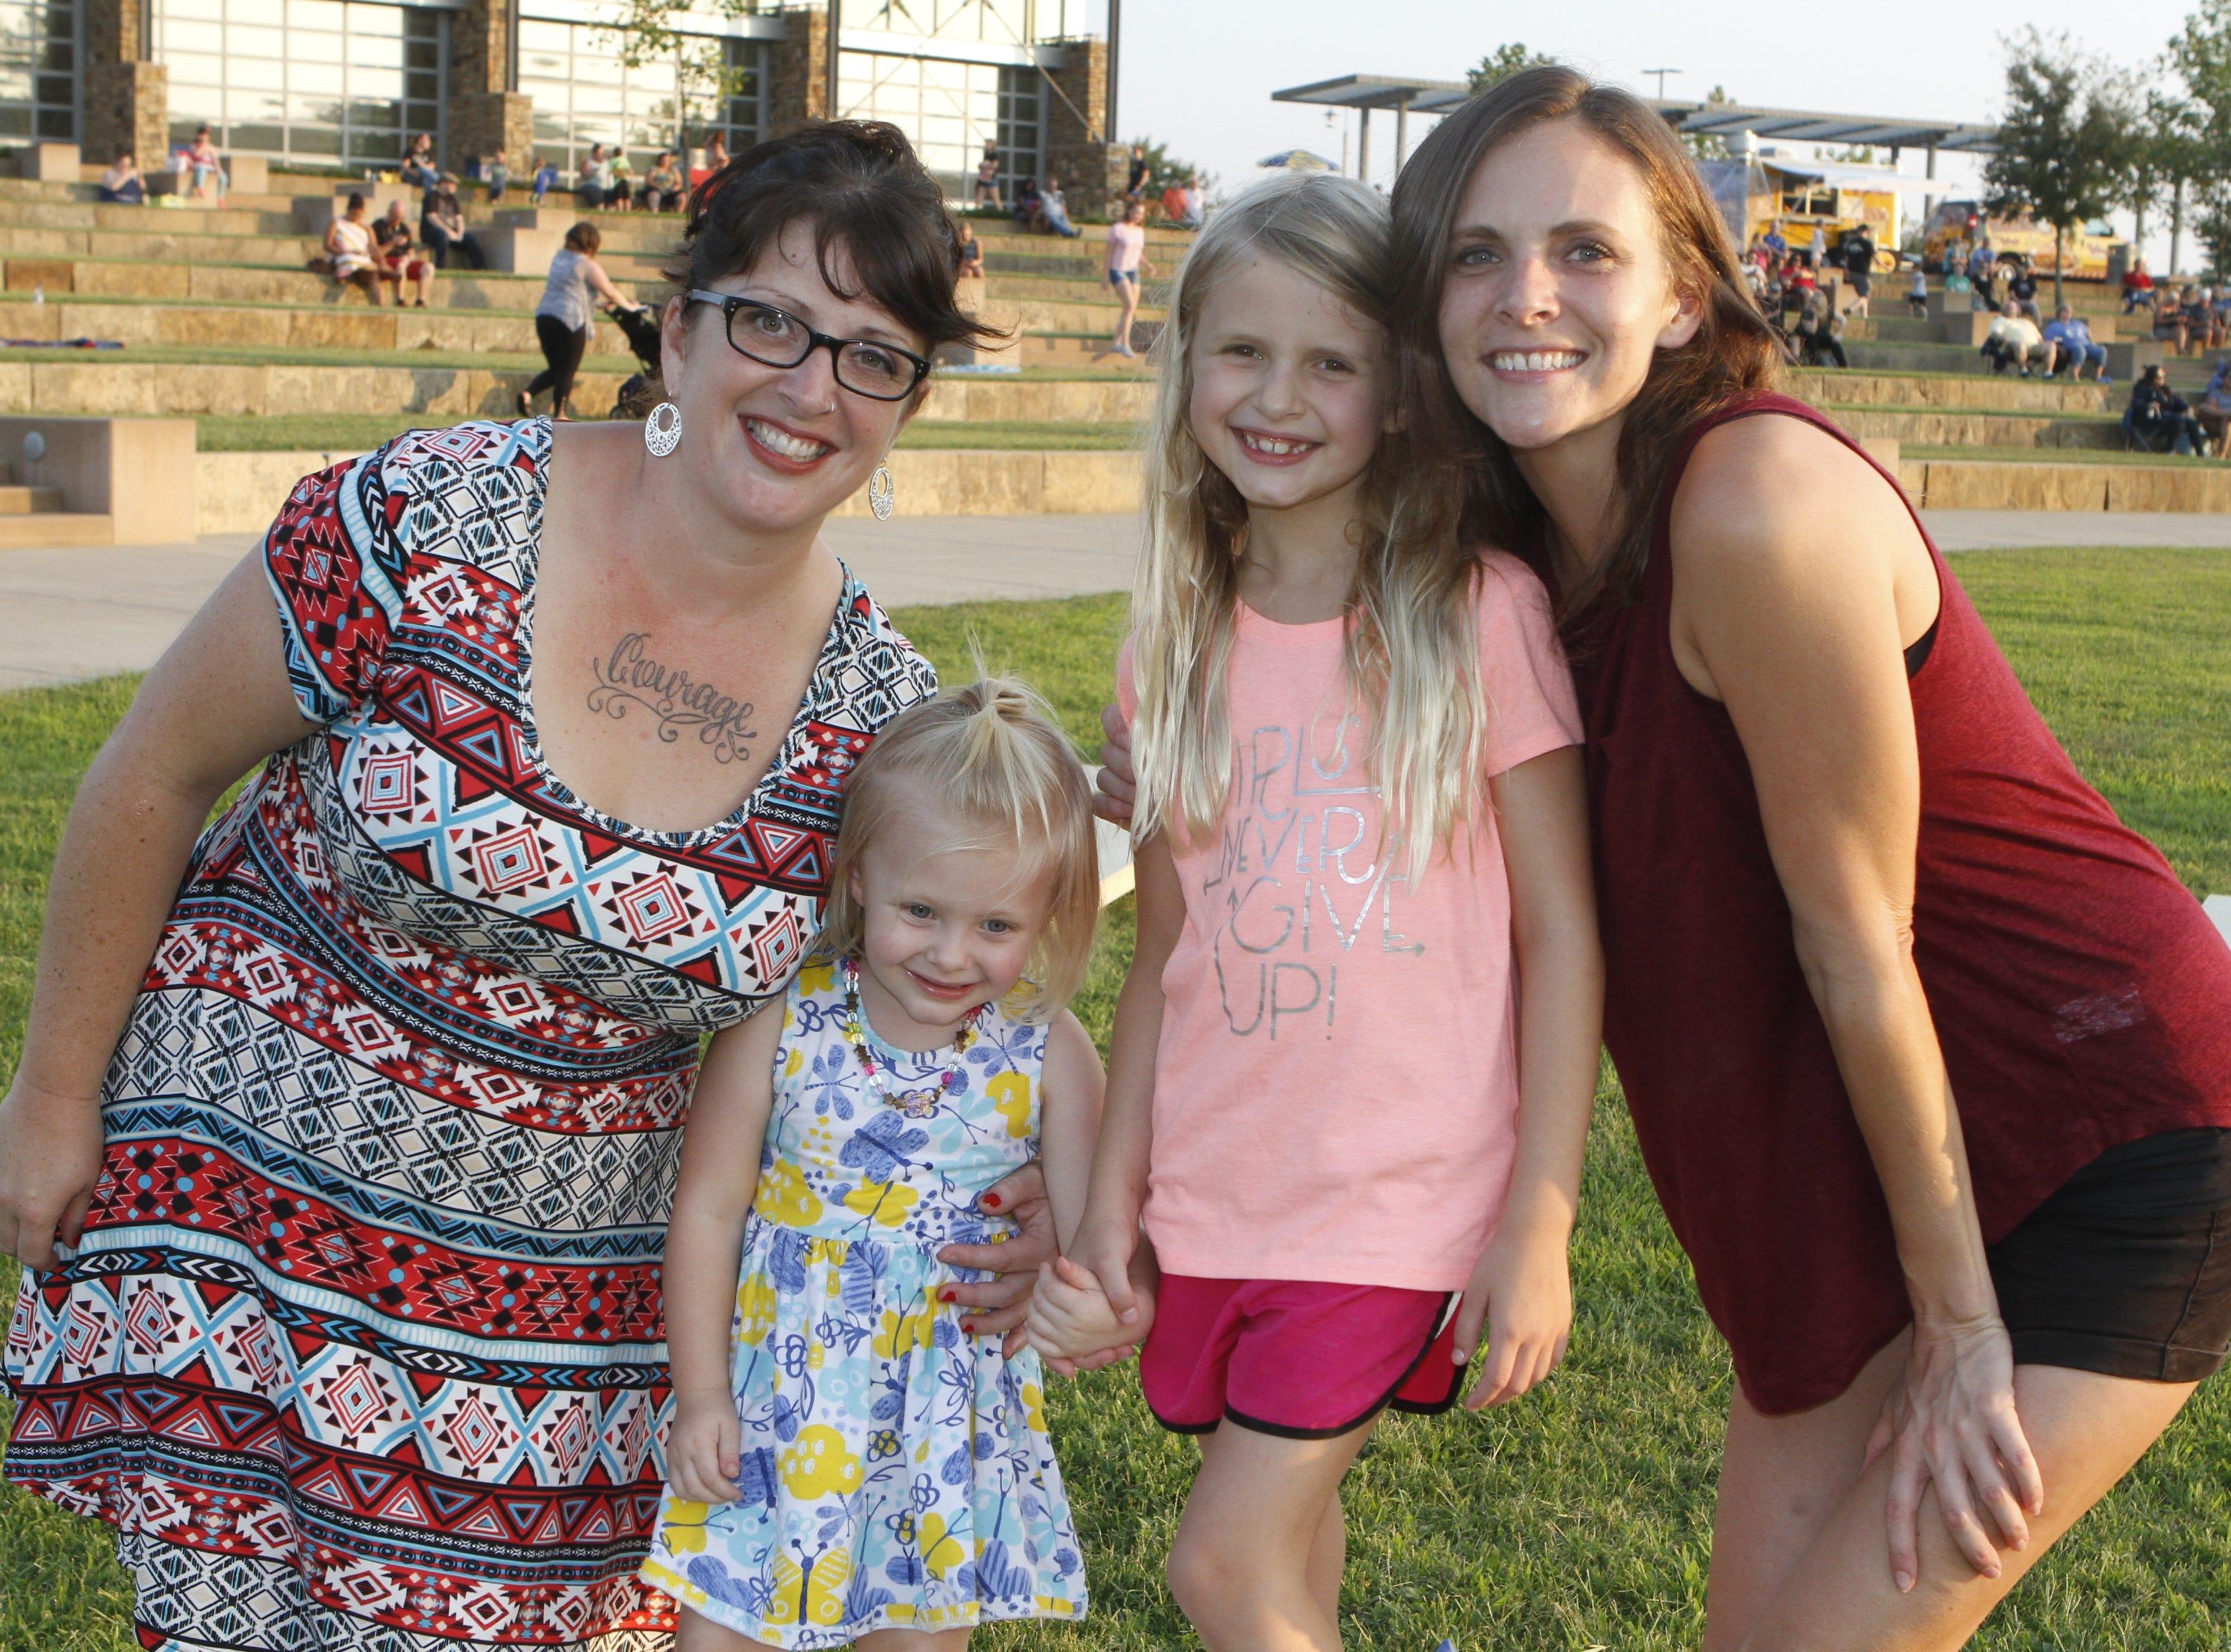 Hannah Bush, Juniper Resha, Emma Hodge, and Megan Snyder at Saturday's Road to Riverfest, a Liberty Park summer concert series event.